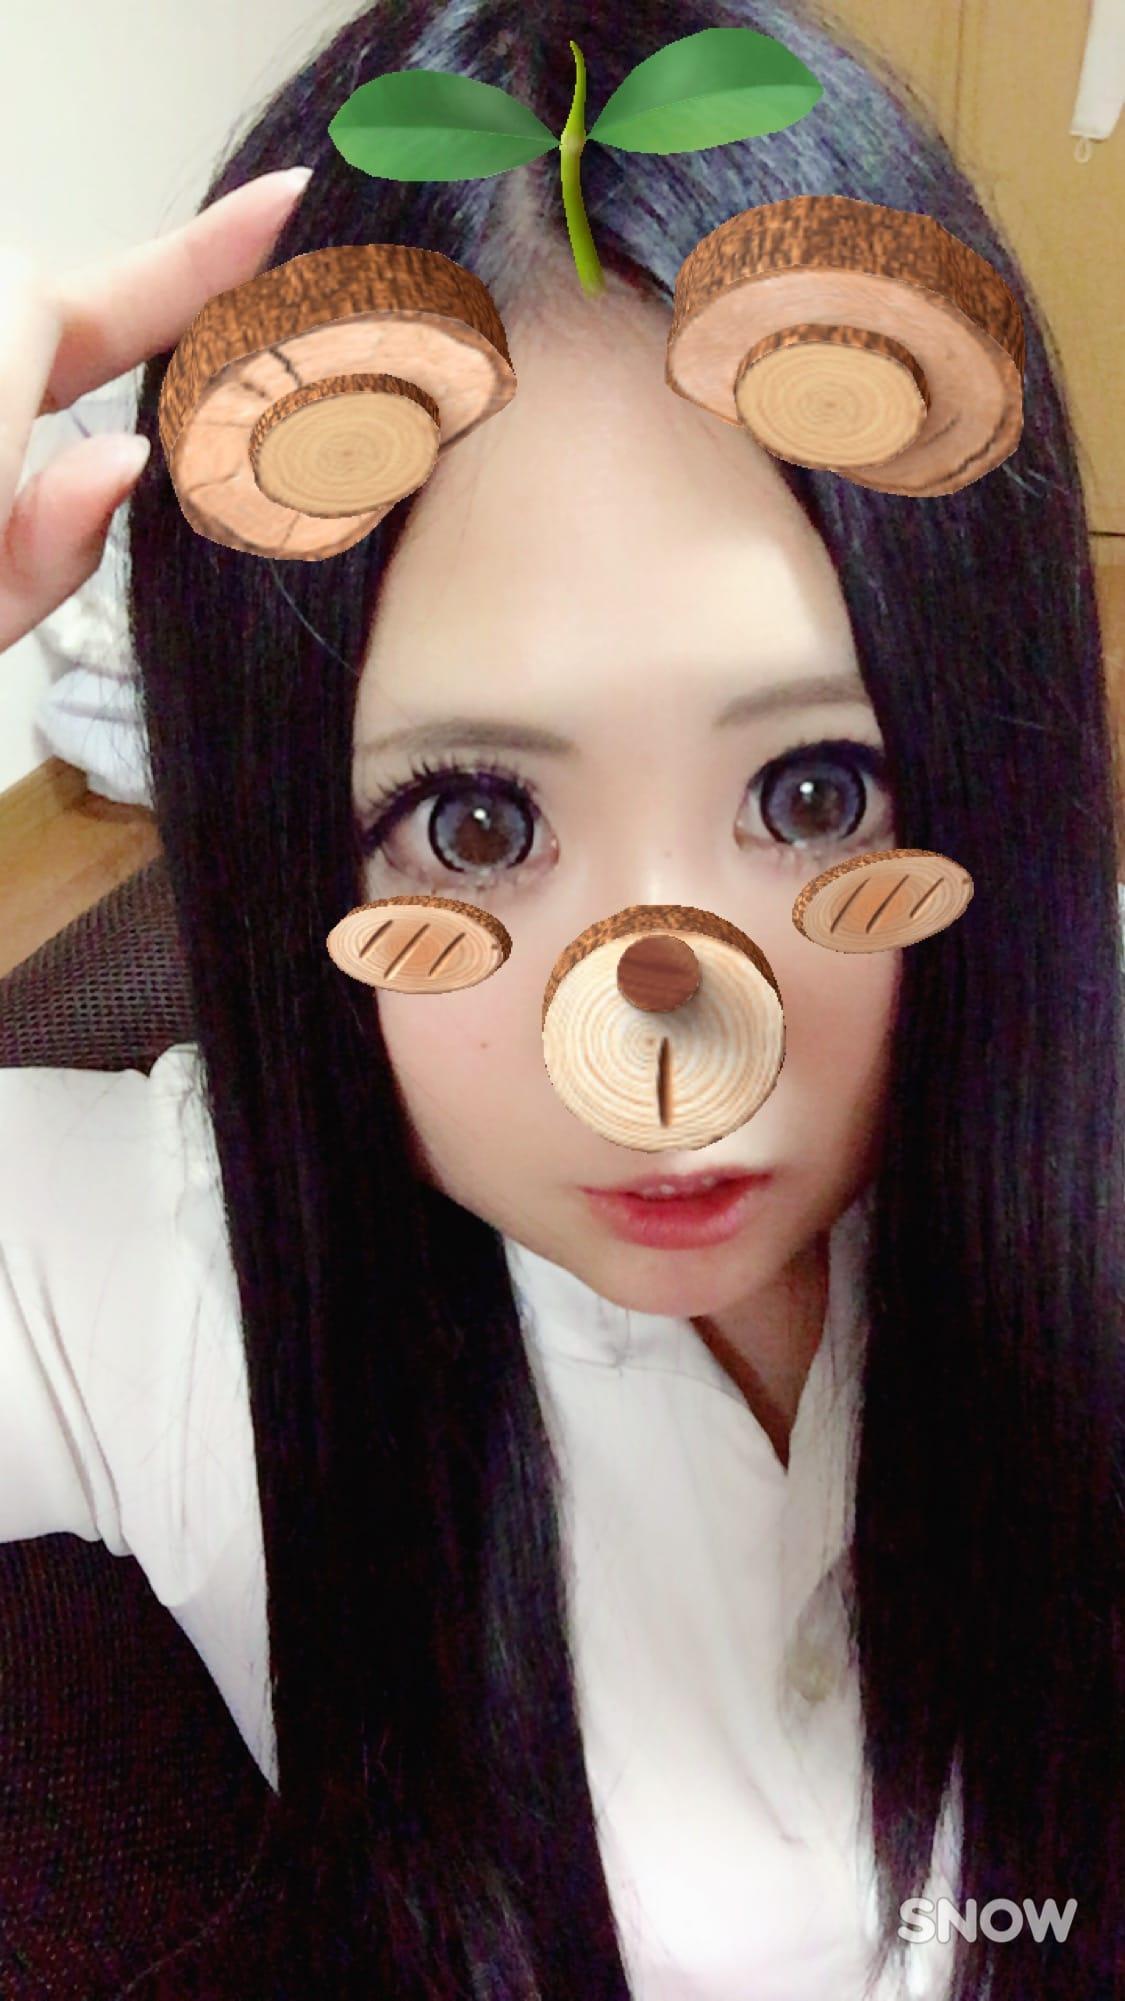 「みおちゃんが…」09/23(土) 04:44   ゆらの写メ・風俗動画